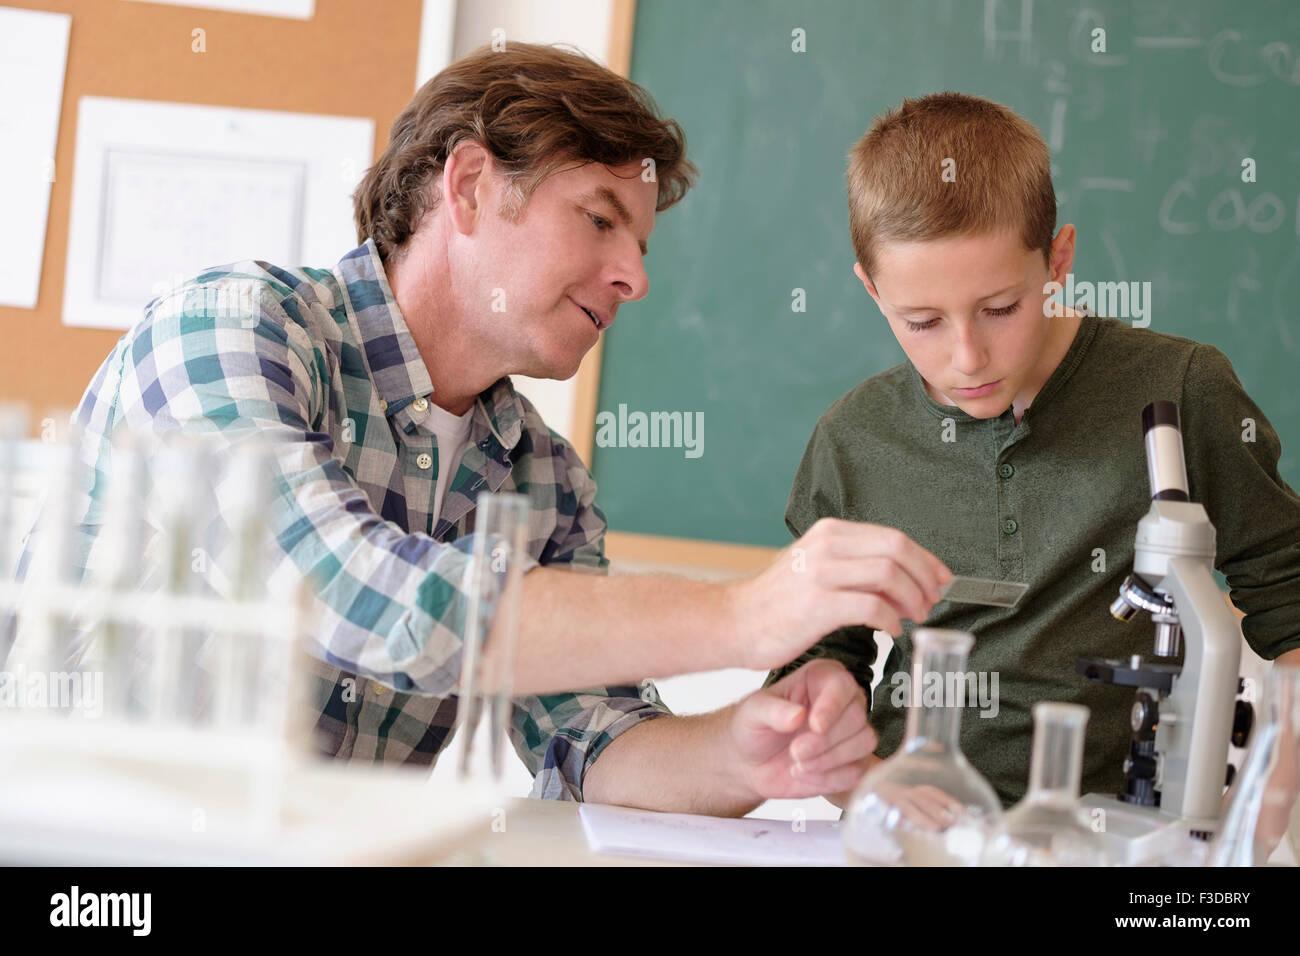 Profesor hablando con estudiantes (8-9) en el aula Imagen De Stock